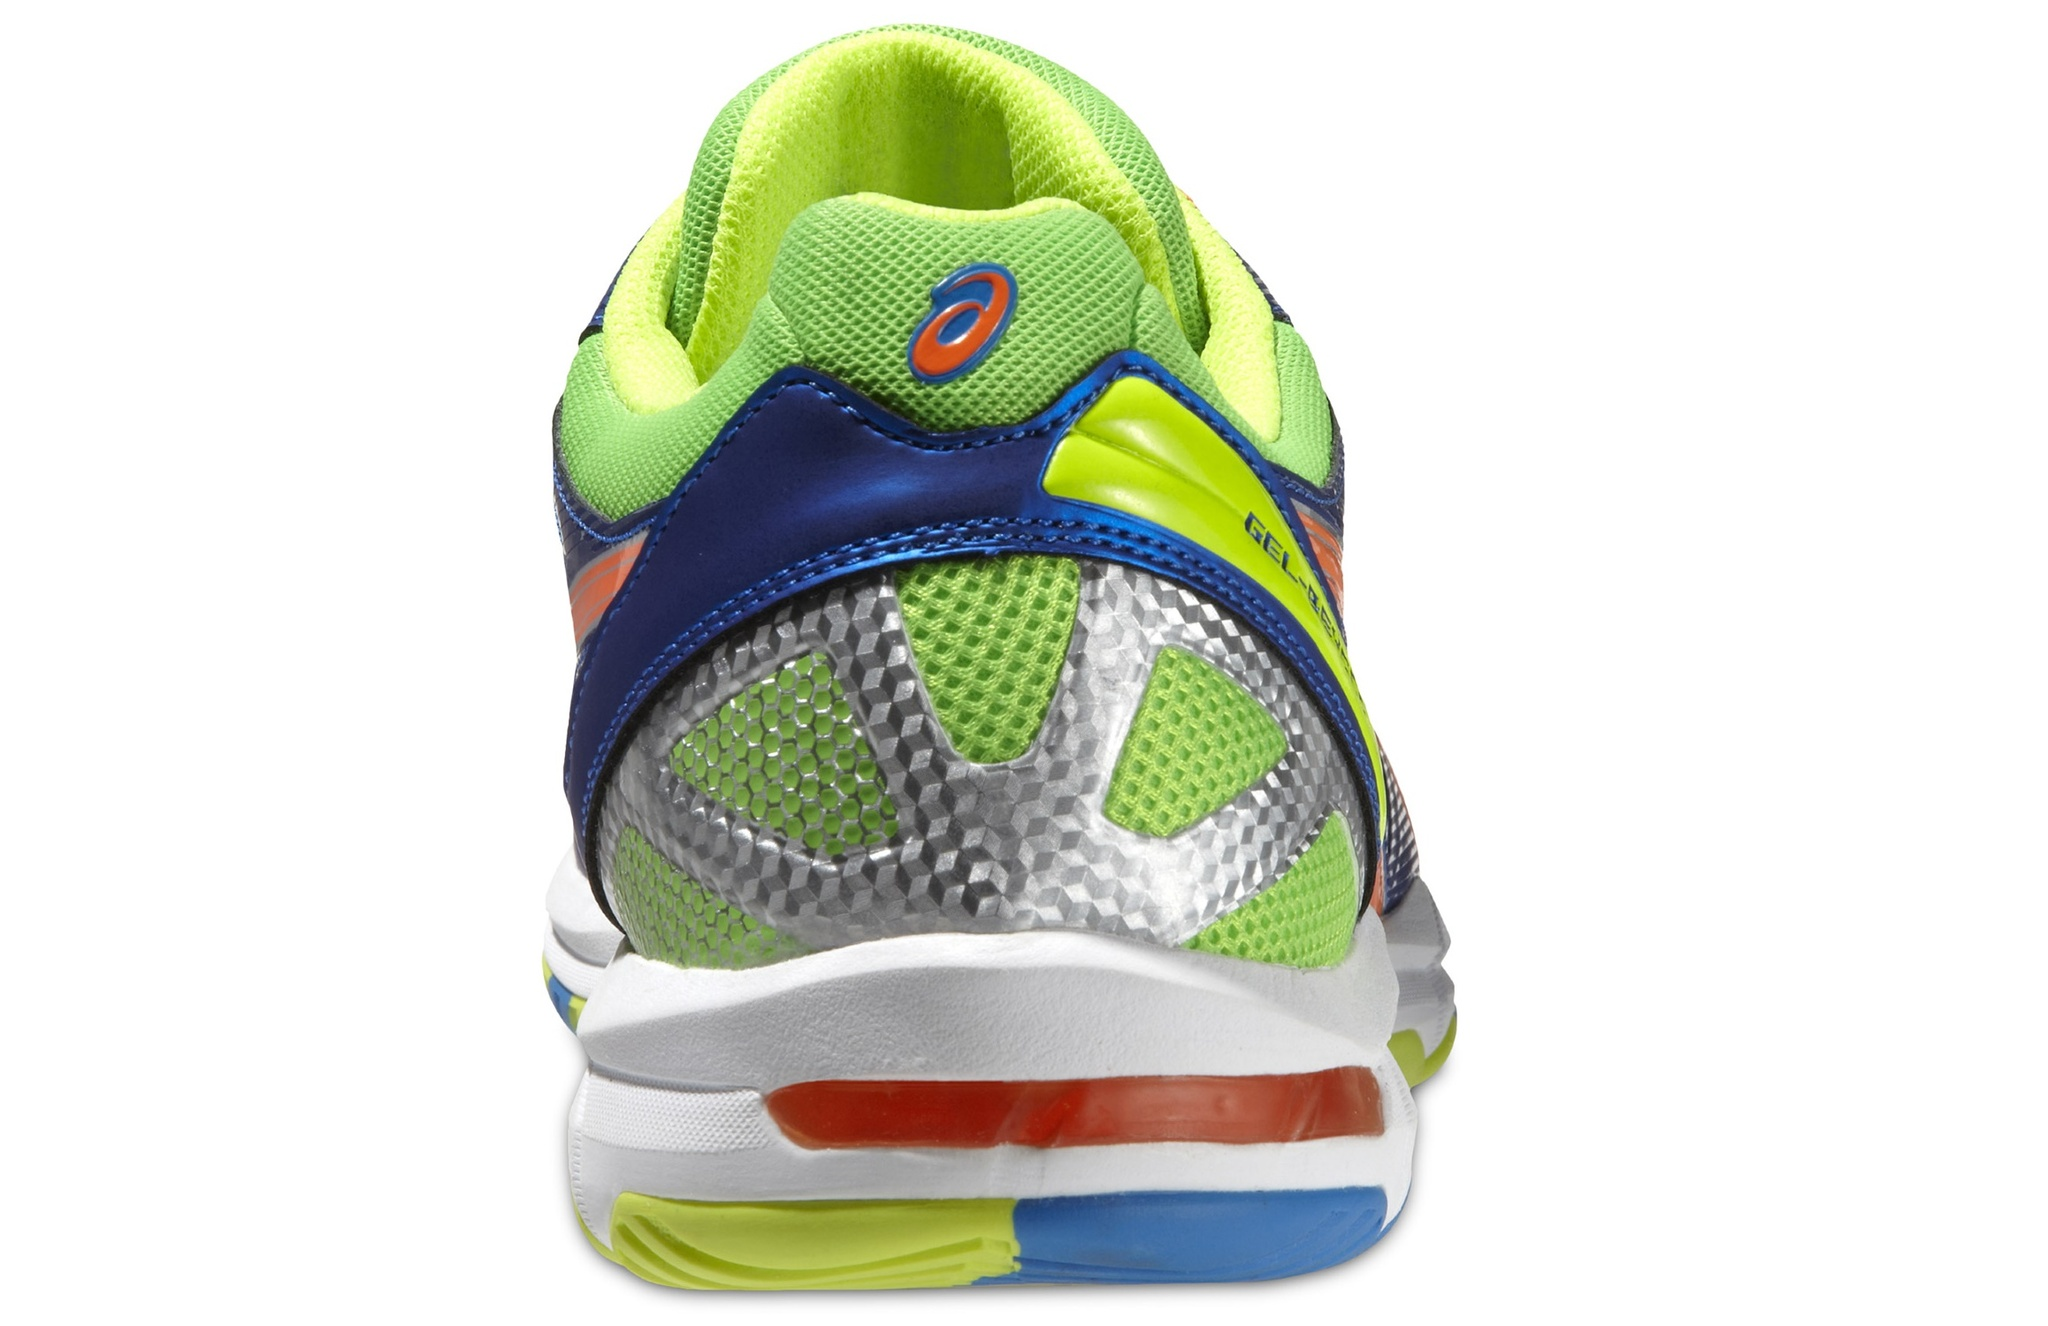 Мужские волейбольные кроссовки Асикс Gel-Beyond 4 (B404N 4230) синие фото